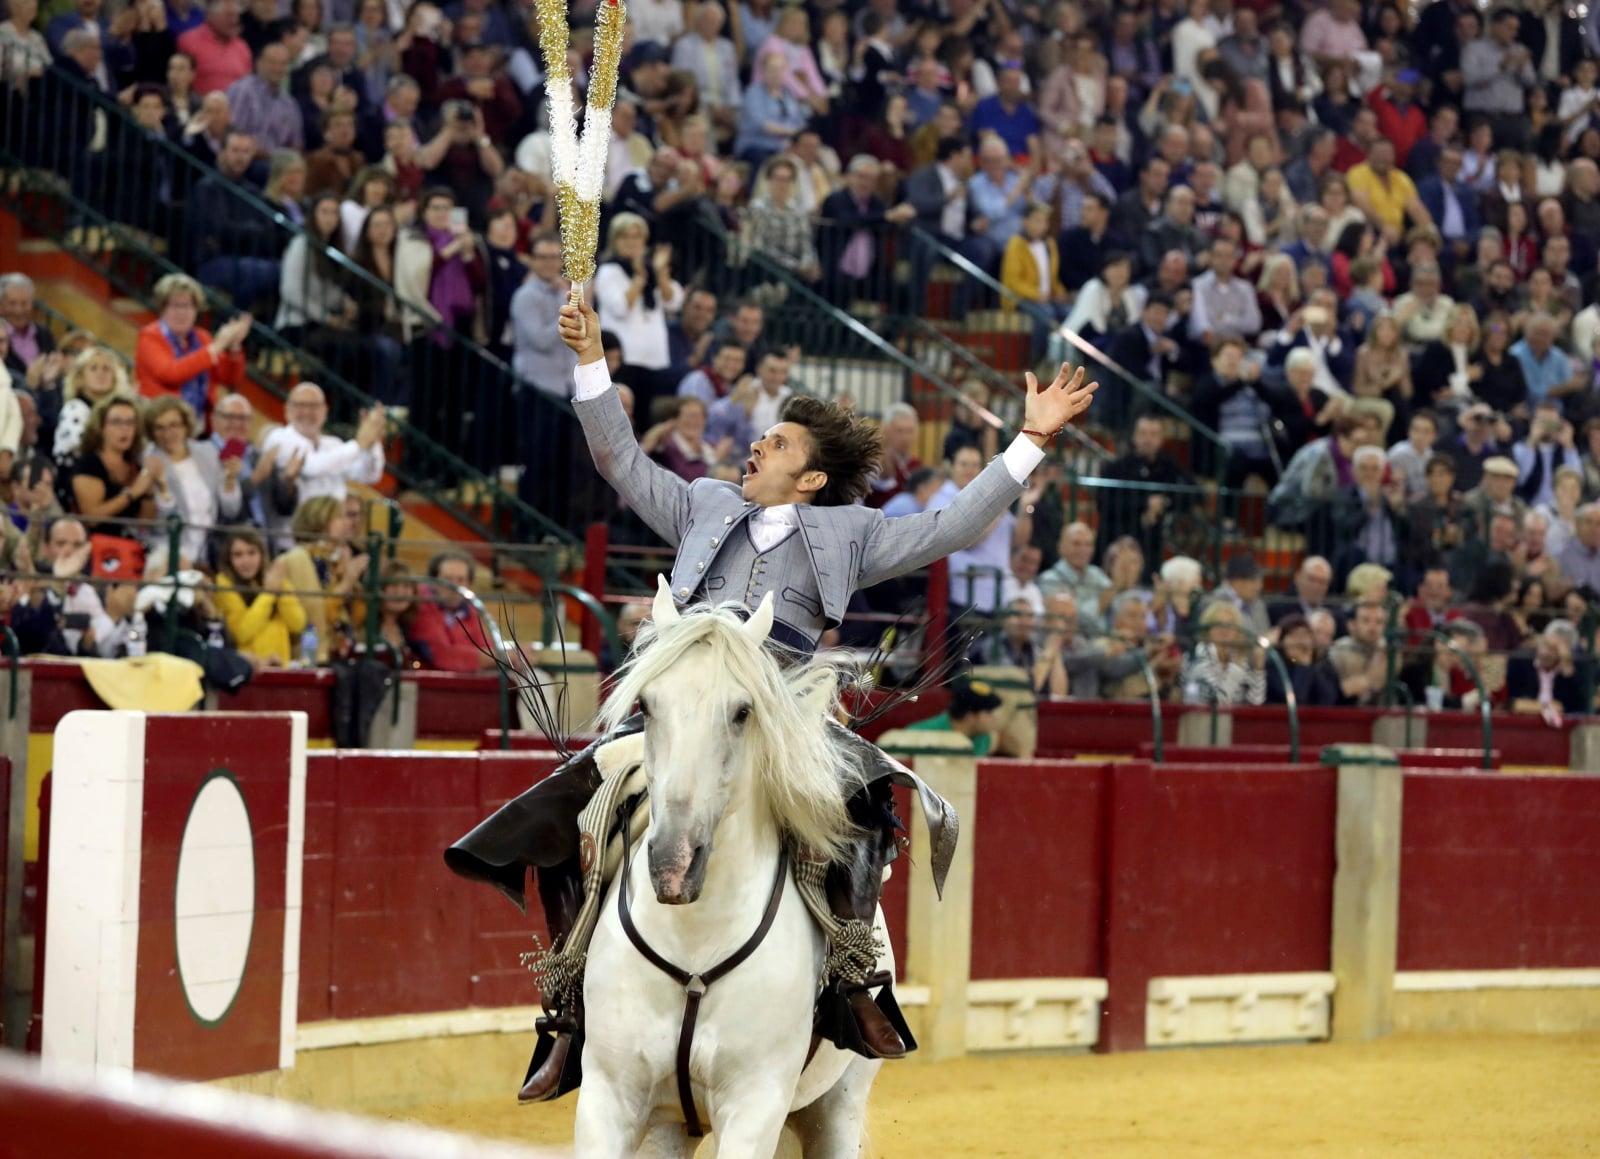 Portugalski jeździec Diego Ventura w akcji podczas walki byków w Saragossie, Hiszpania fot. EPA/Javier Lopez